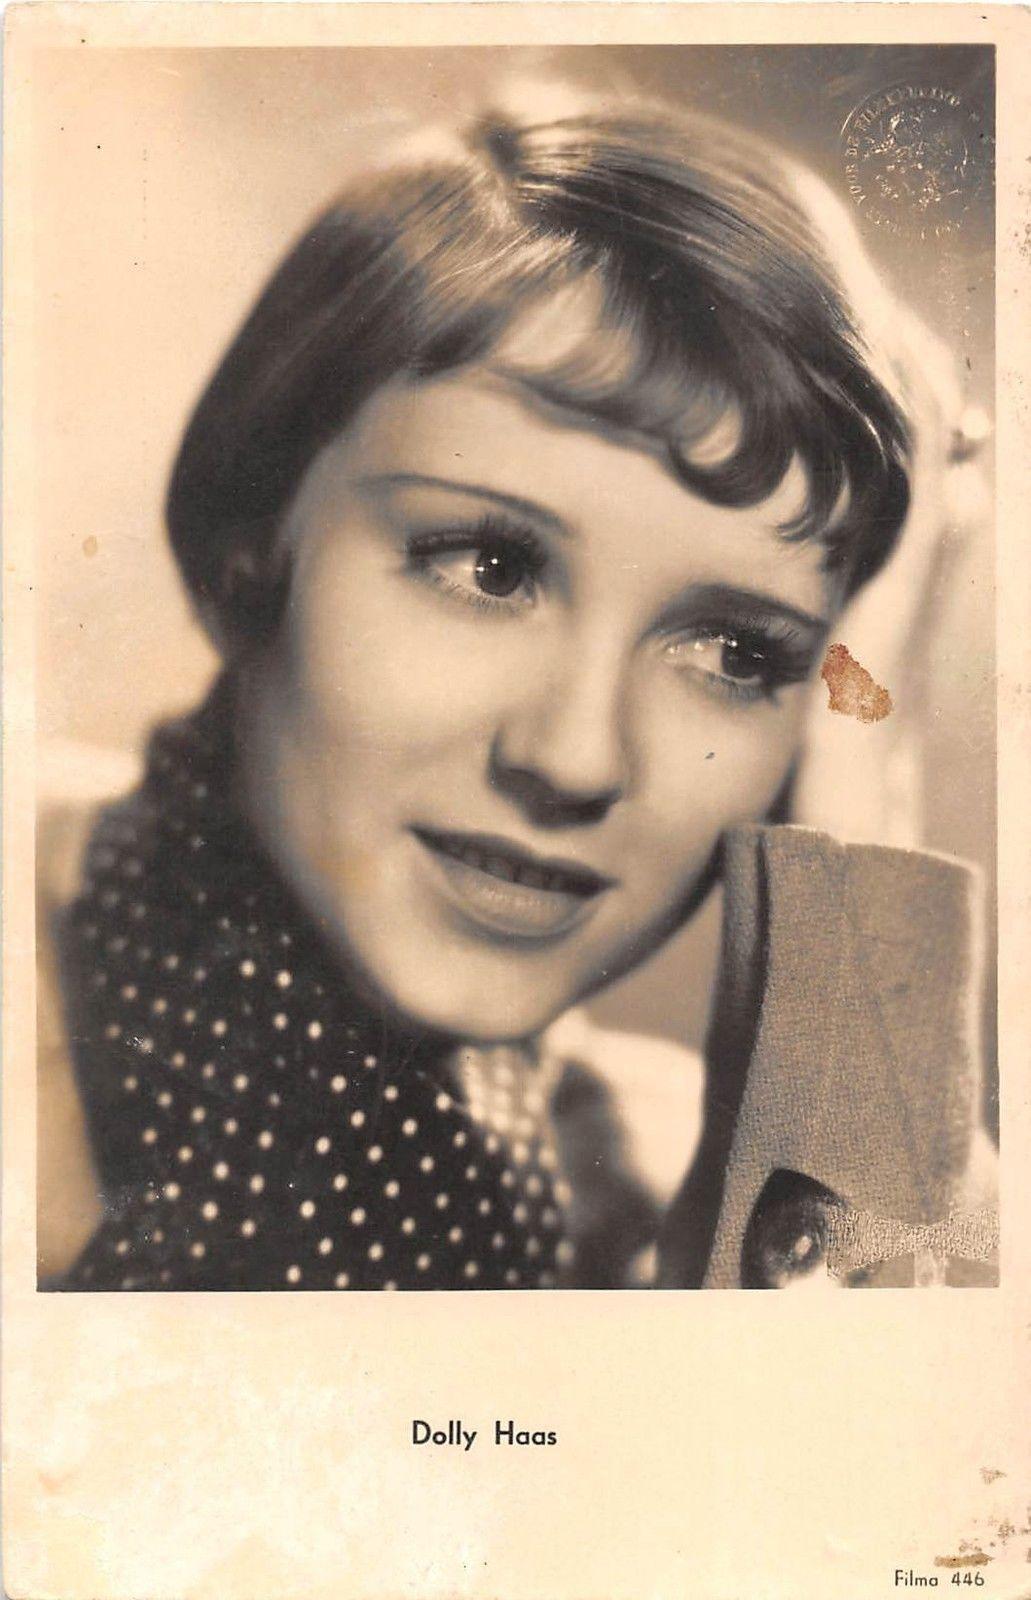 Anzu Lawson